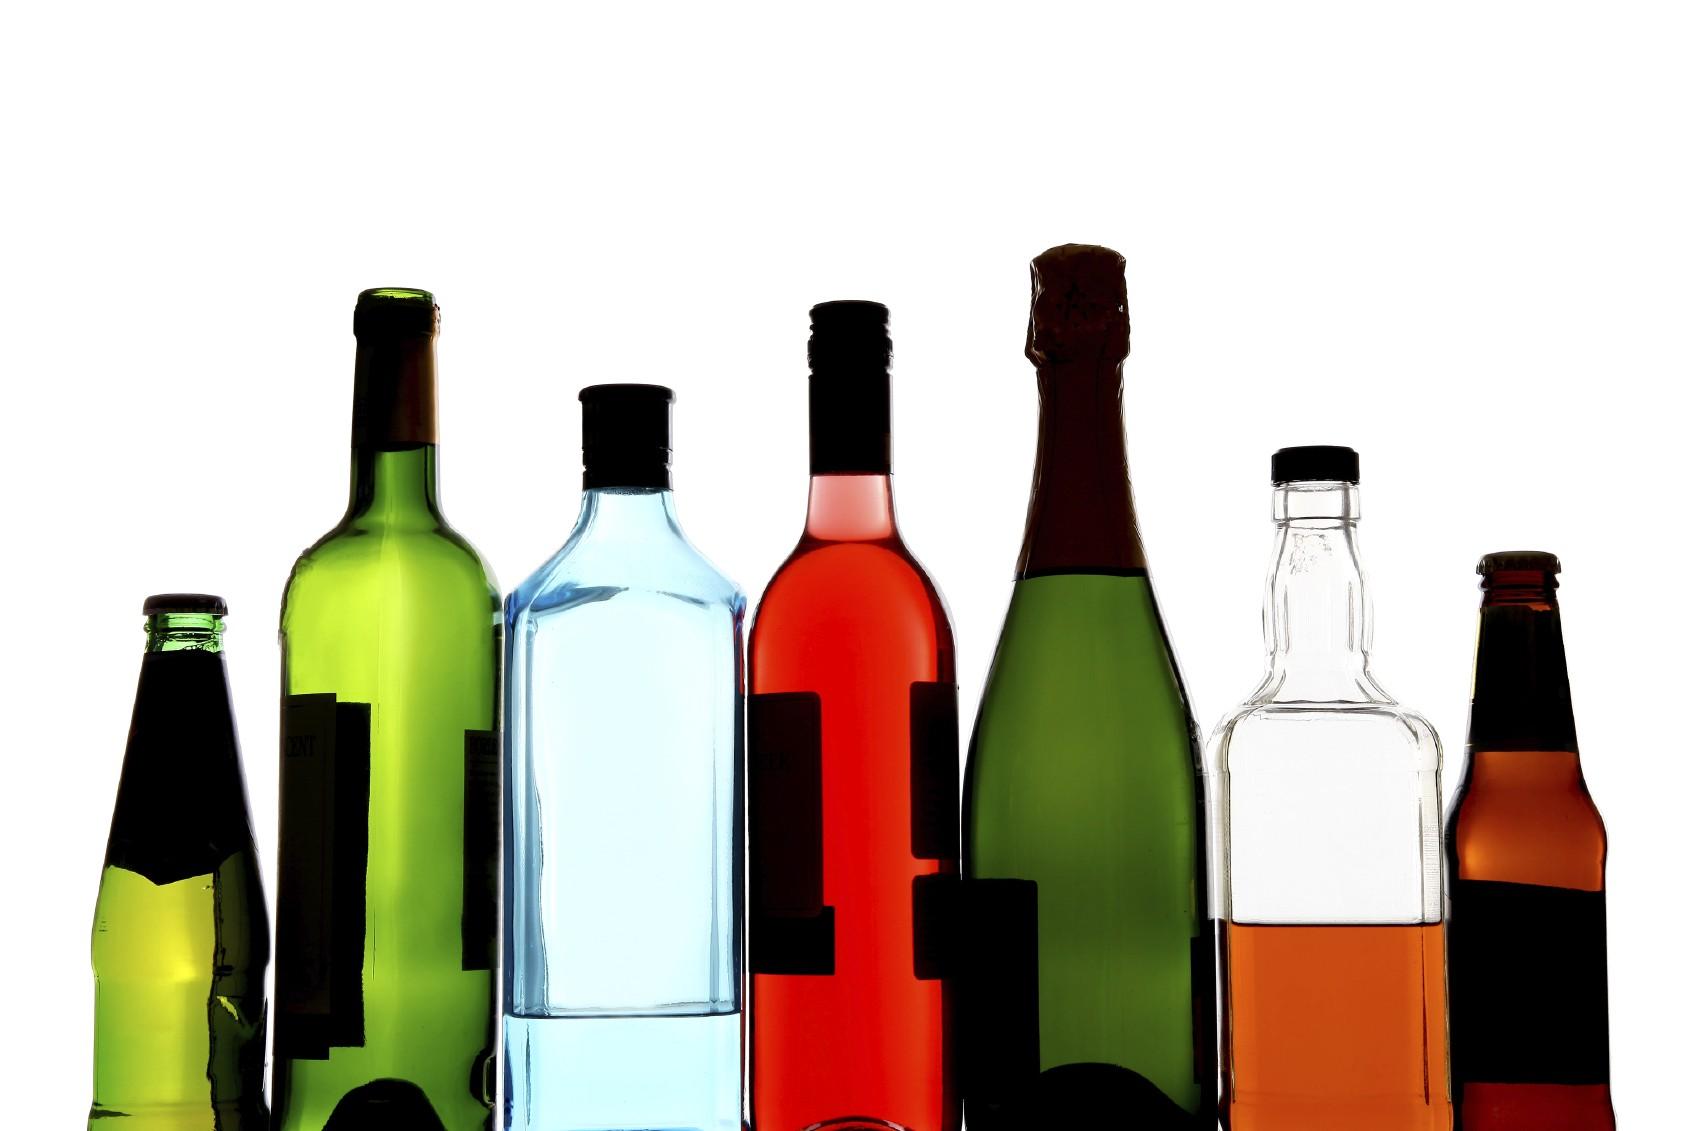 Руководство отправило надоработку законодательный проект озапрете продажи алкоголя вавтоматах